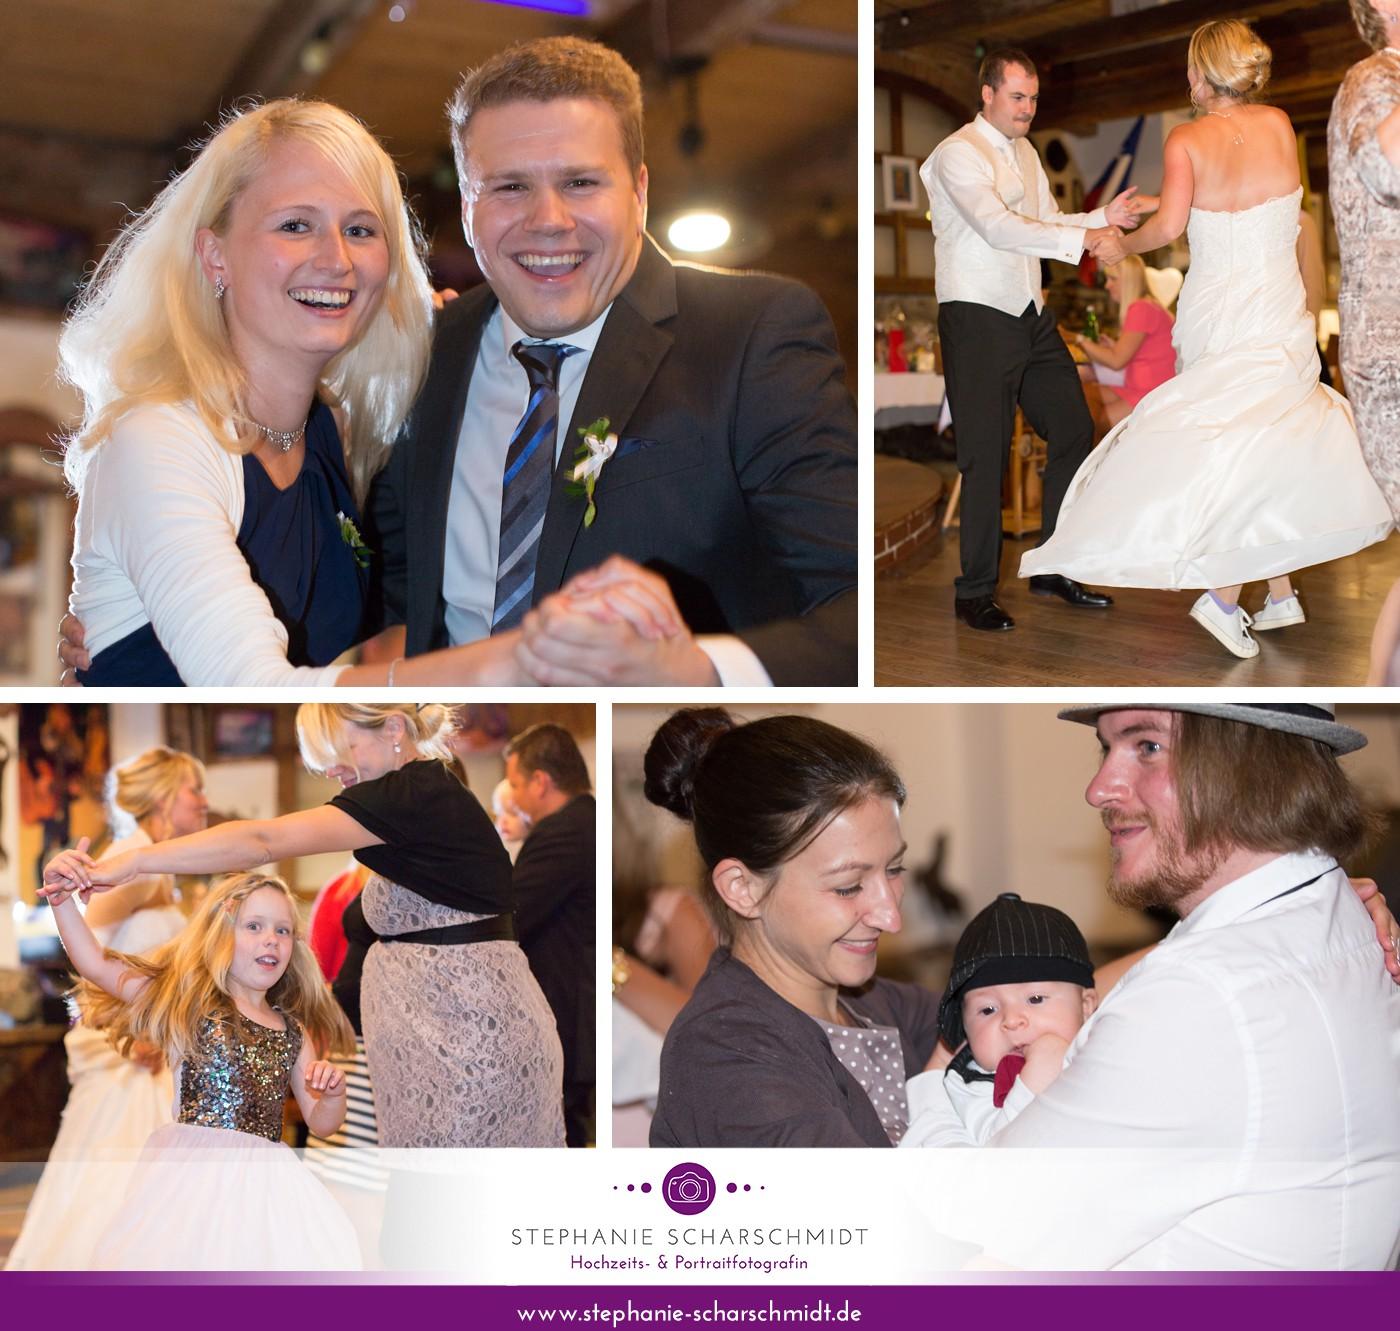 Tanzen auf englischsprachiger Hochzeit